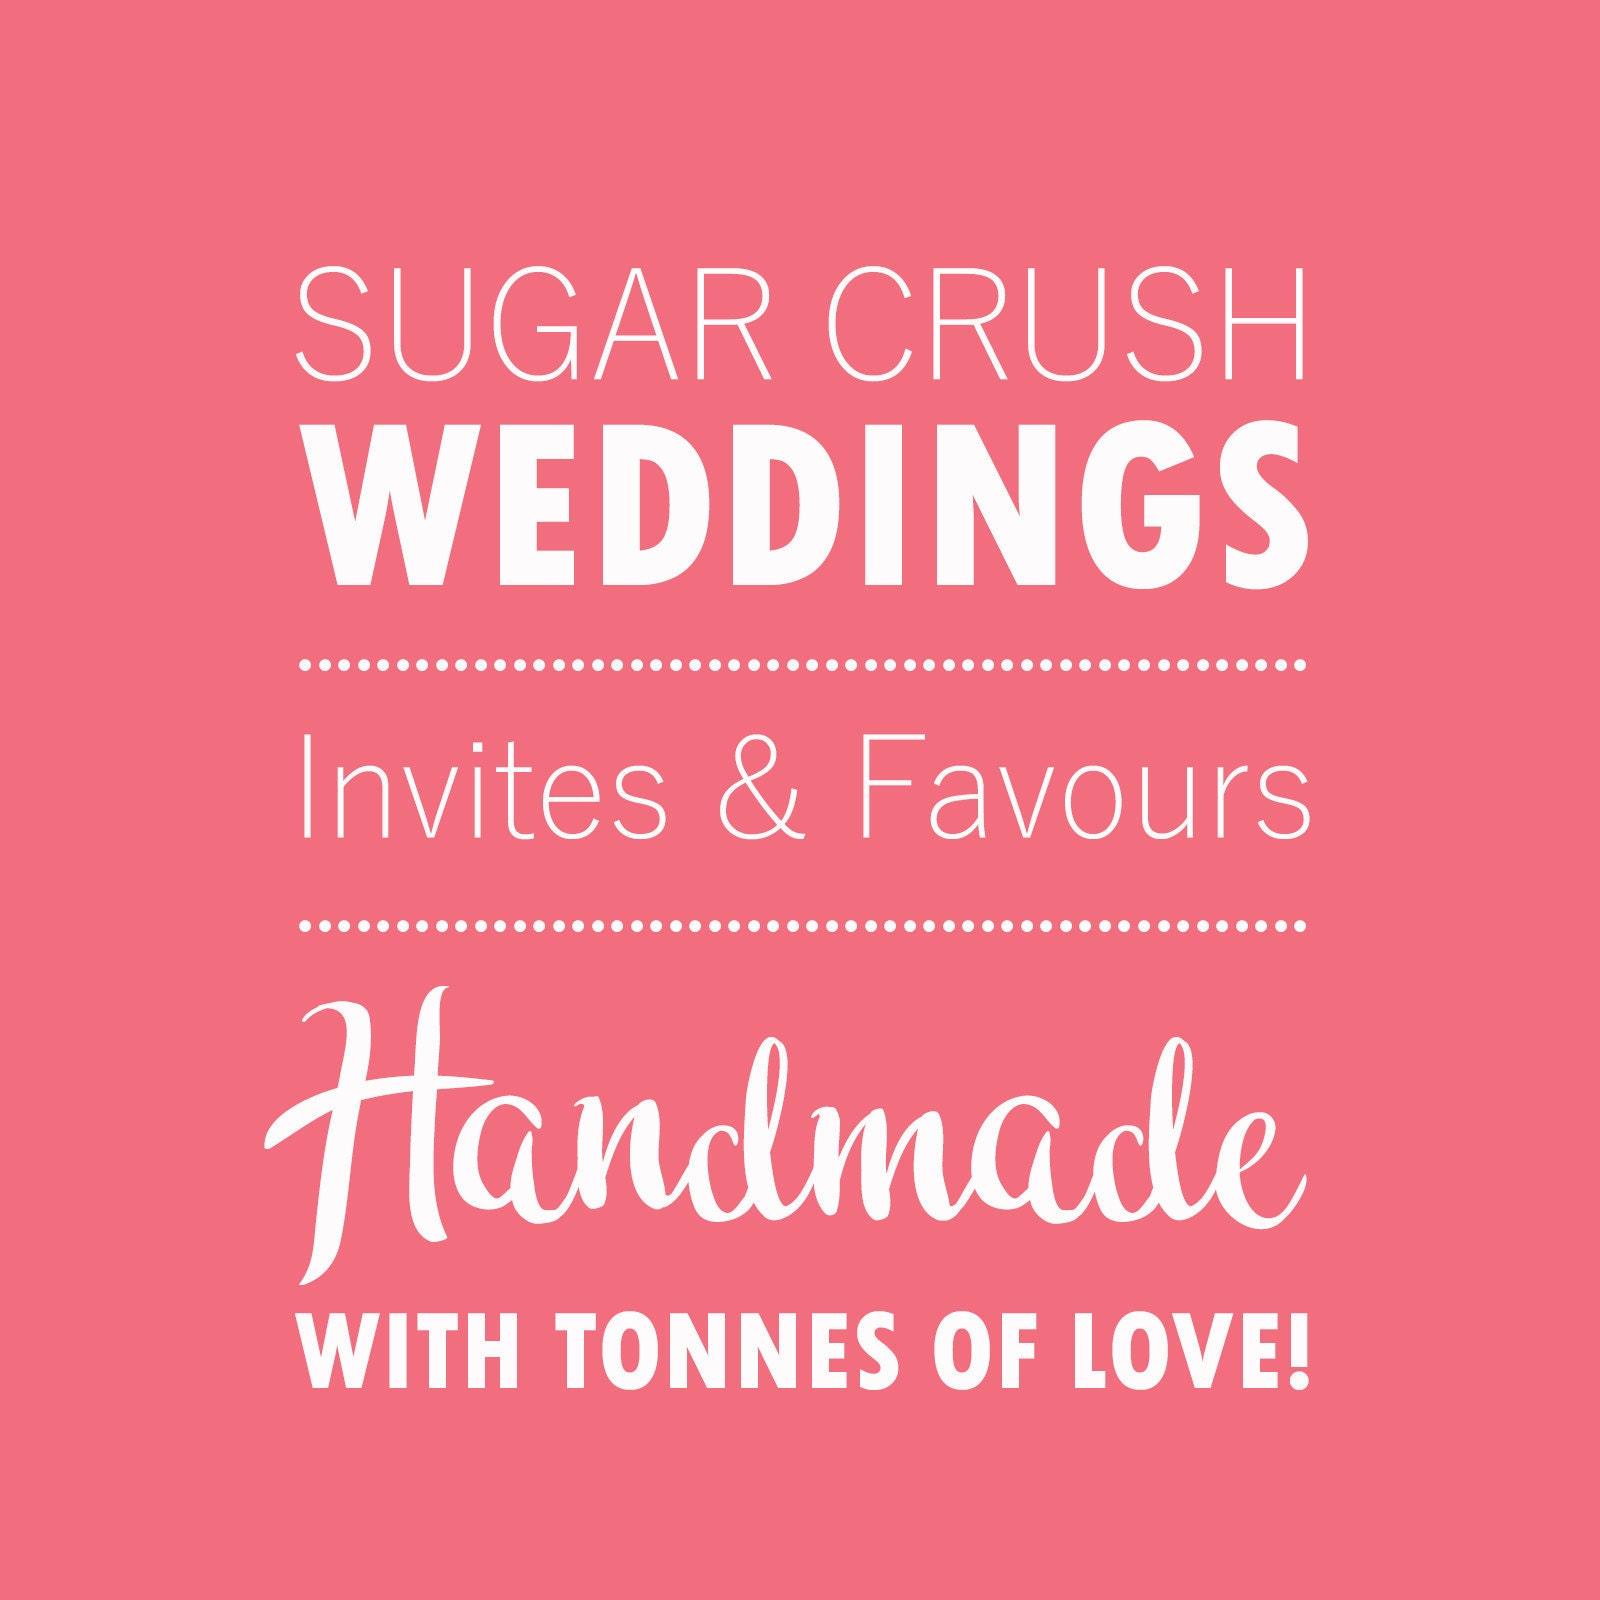 Sugar Crush Weddings by SugarCrushWeddings on Etsy